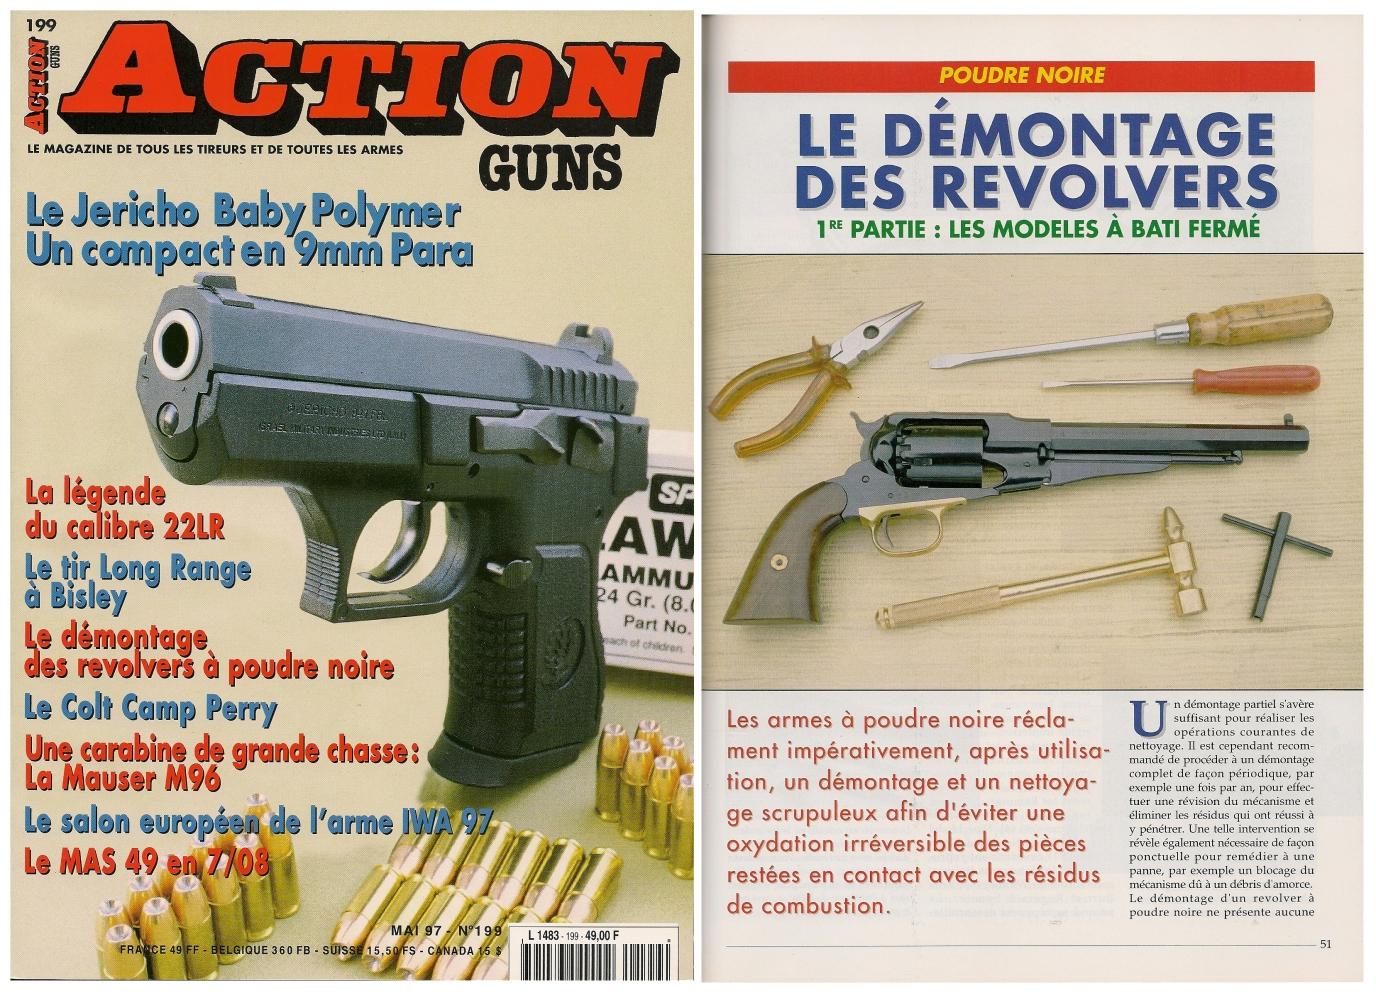 La première partie de cet article, consacrée aux revolvers à bâti fermé, a été publiée sur 5 pages dans le magazine Action Guns n° 199 (mai 1997).